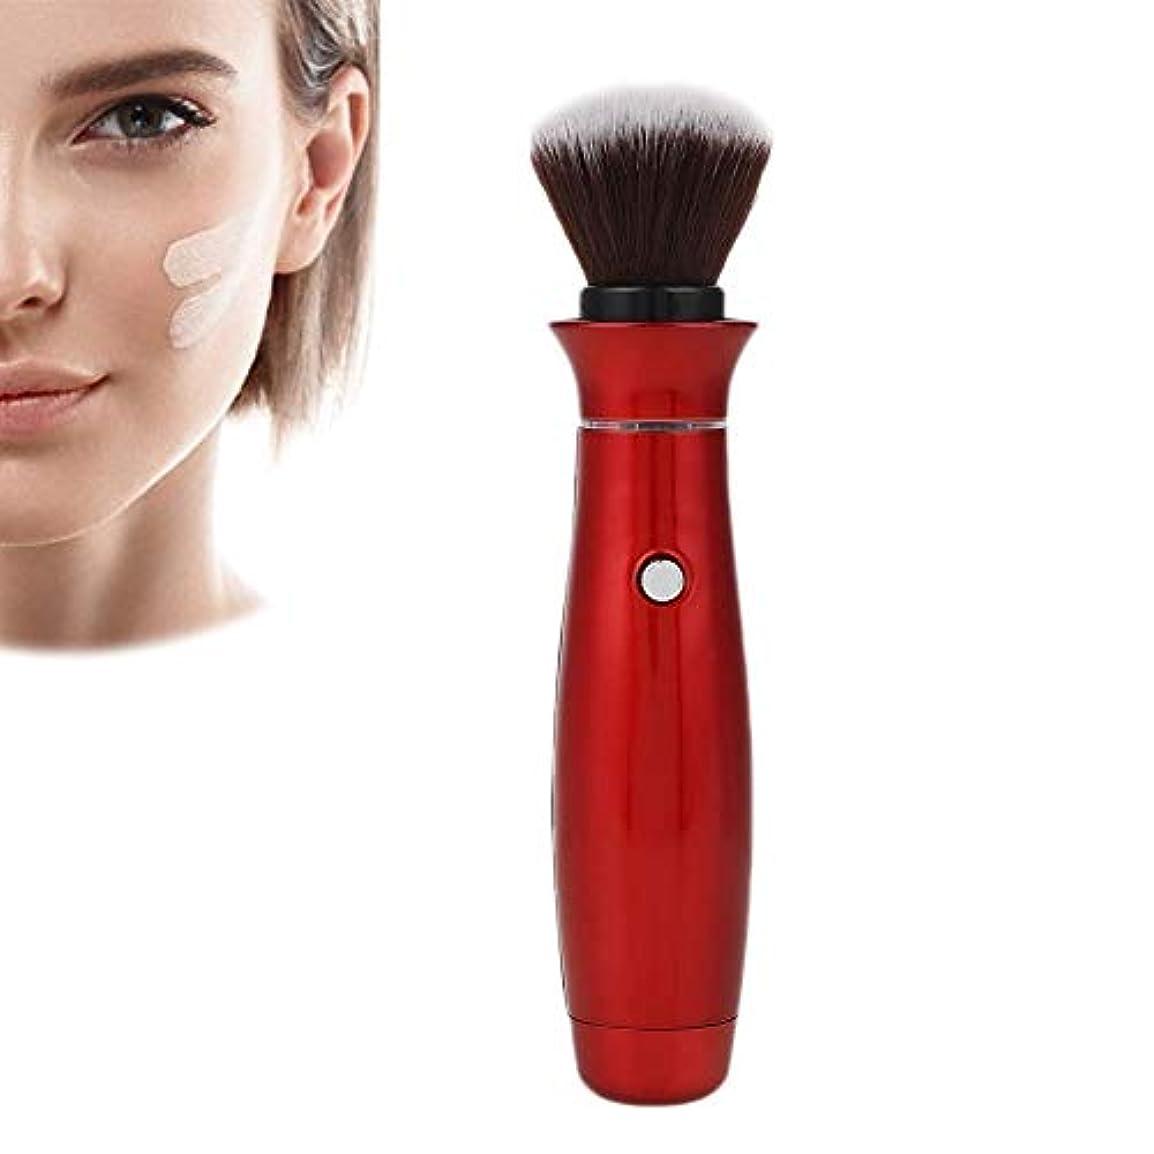 傷跡トレッド前部新しい化粧ブラシフェイシャルマッサージブラシ電気クリーニングブラシウォッシュブラシ美容メイクアップツール